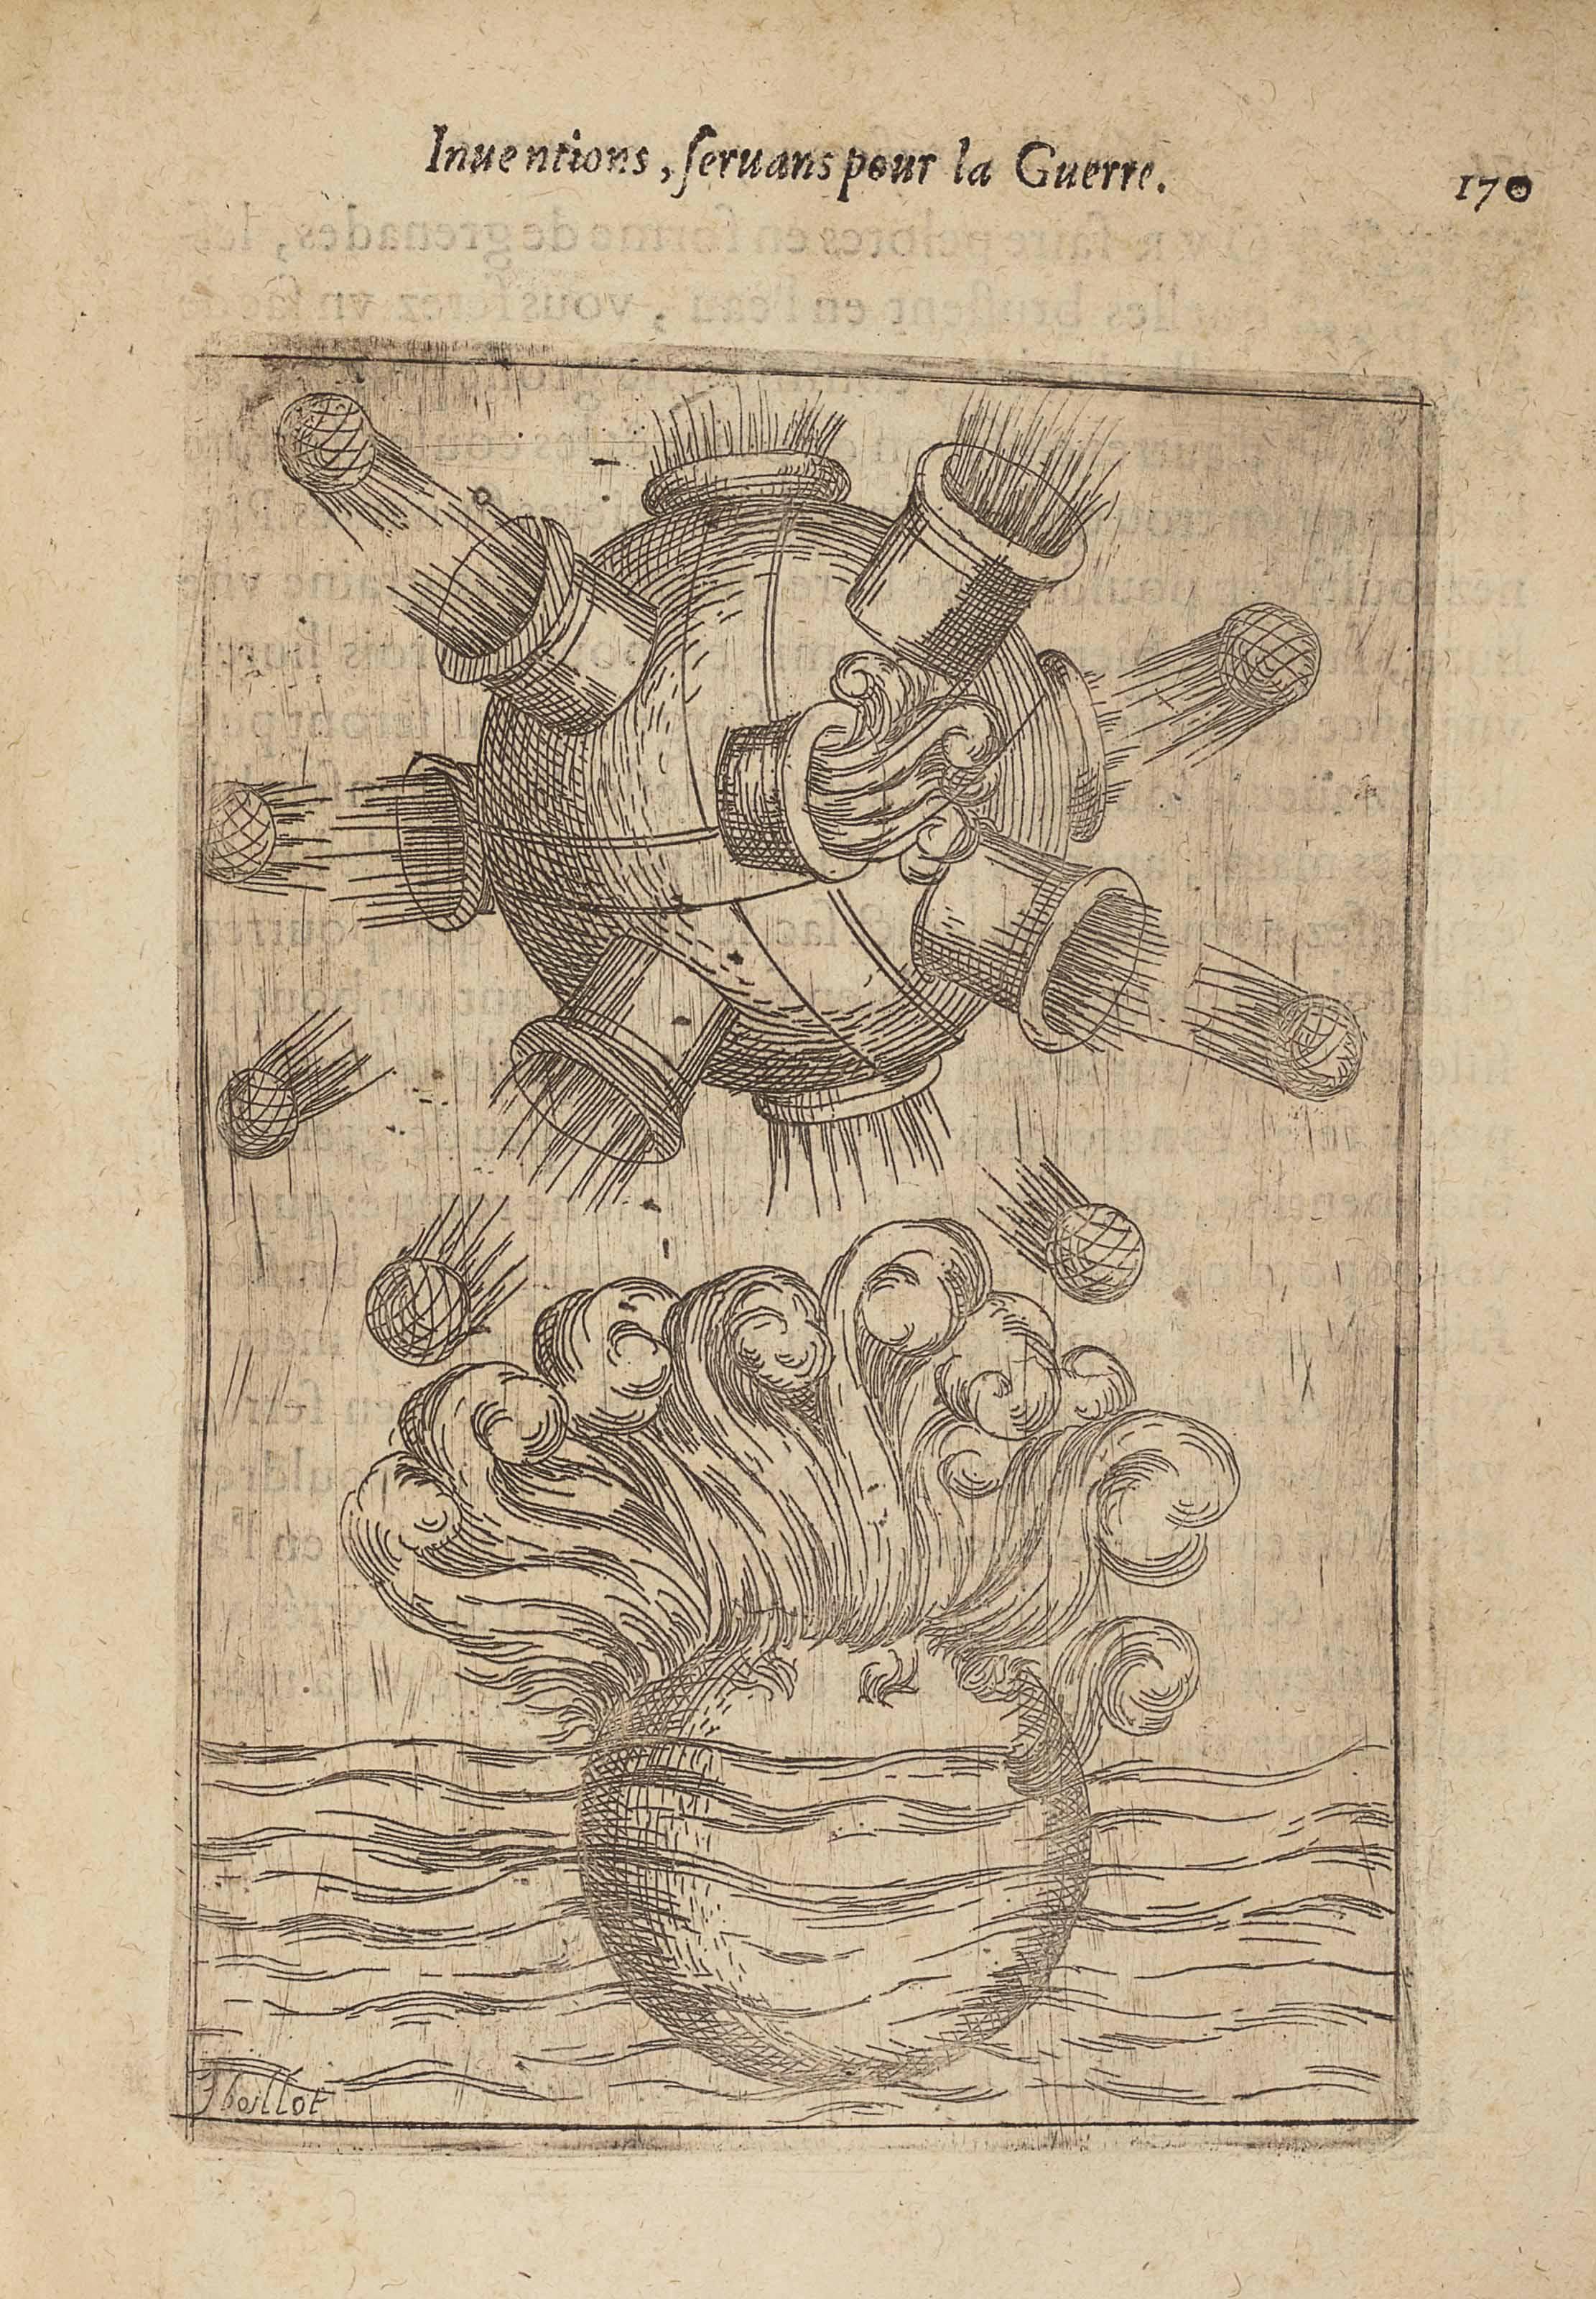 BOILLOT, Joseph (1546-1605). Modelles Artifices de feu et divers instruments de guerre avec les moyens de s'en prévaloir. Chaumont : Quentin Maréschal, 1598. In-4 (236 x 156 mm). Titre entièrement gravé, 90 grandes vignettes dans le texte. Vélin souple de l'époque.